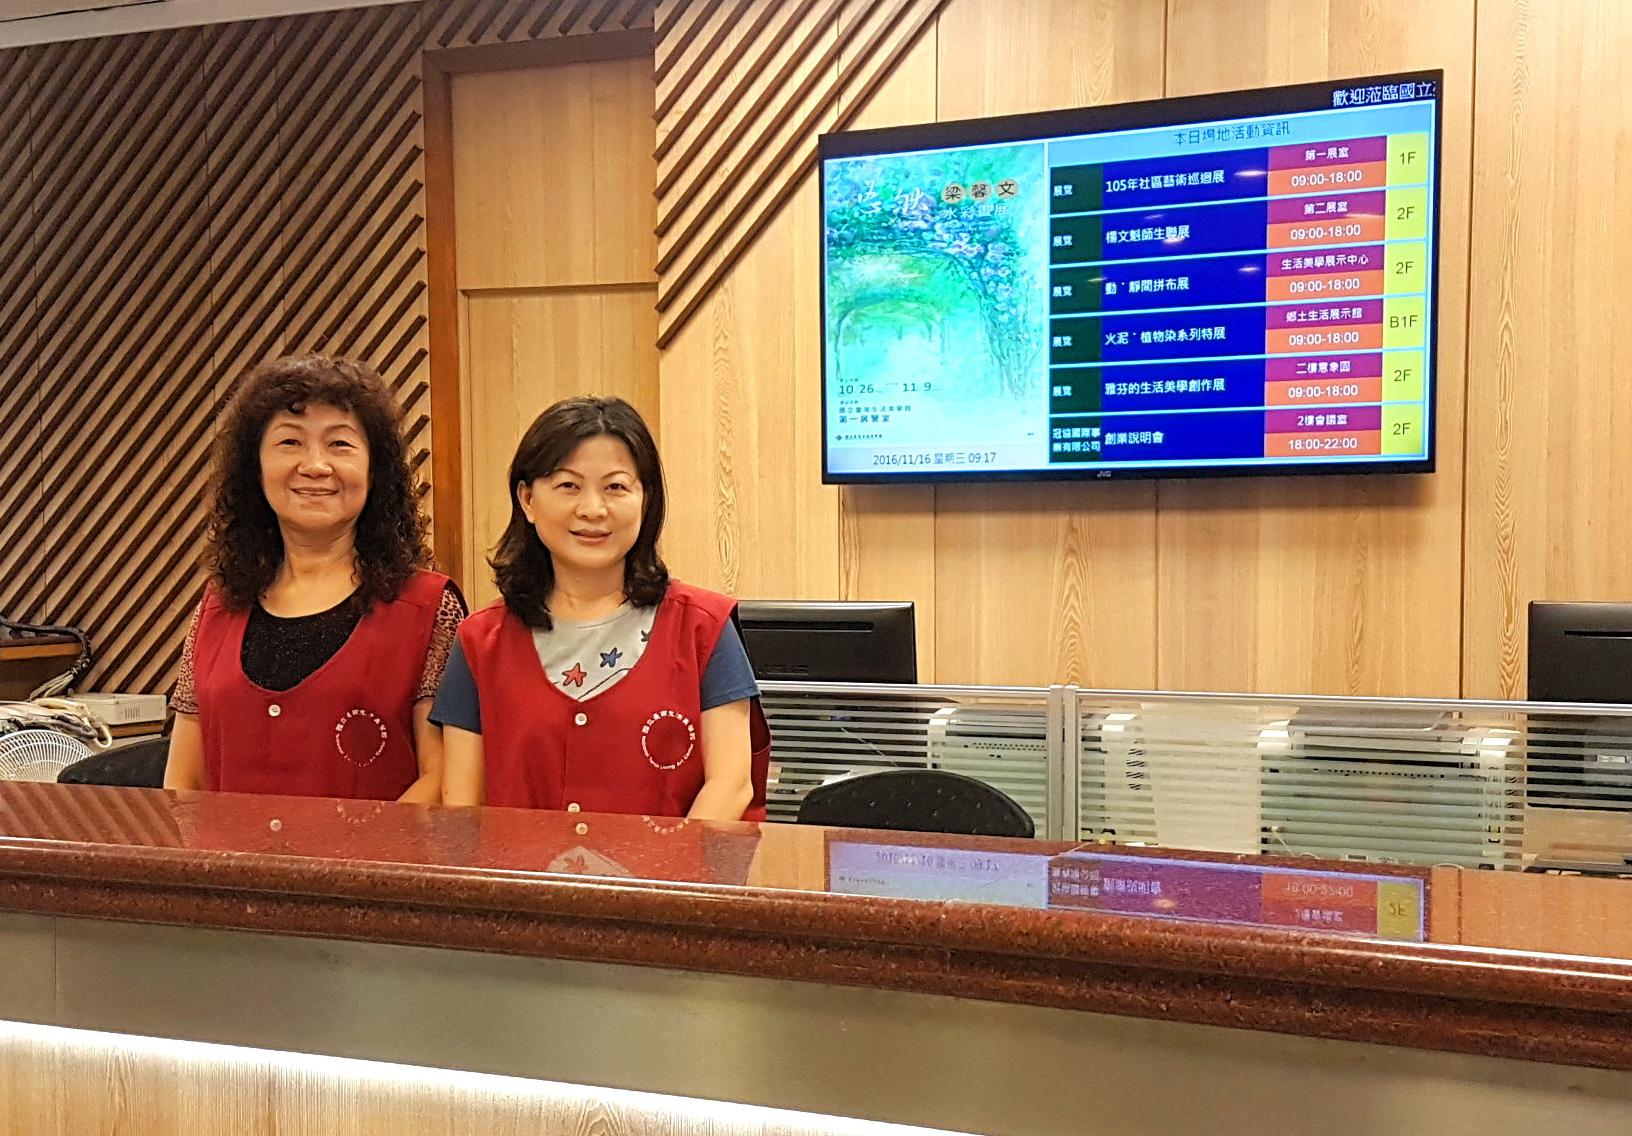 服務台及館方志工人員照片,   志工穿著紅色背心